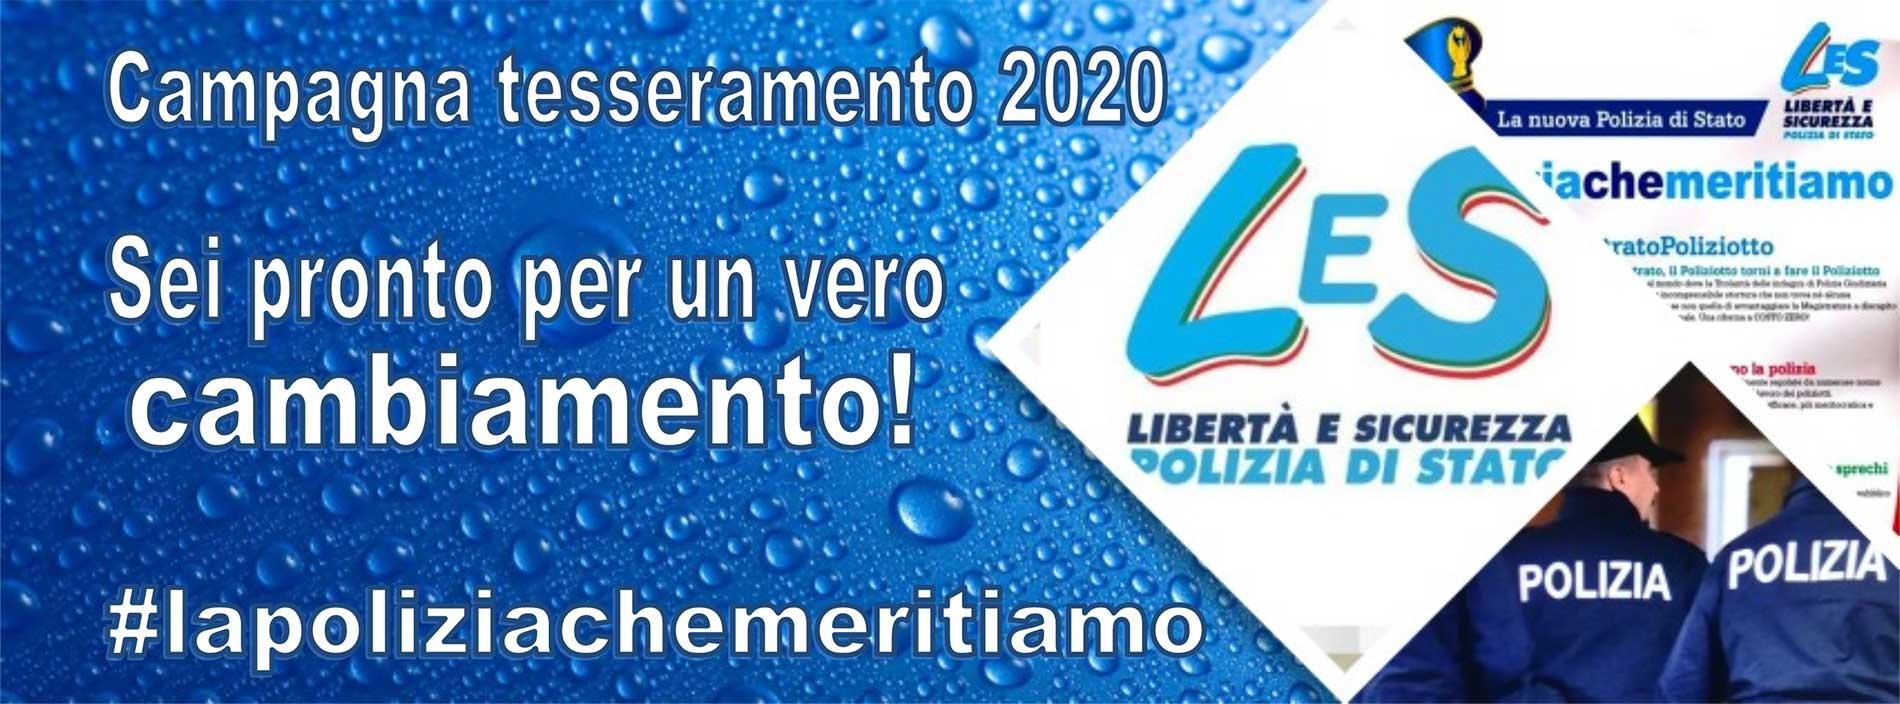 Campagna Tesseramento LeS - Anno 2020